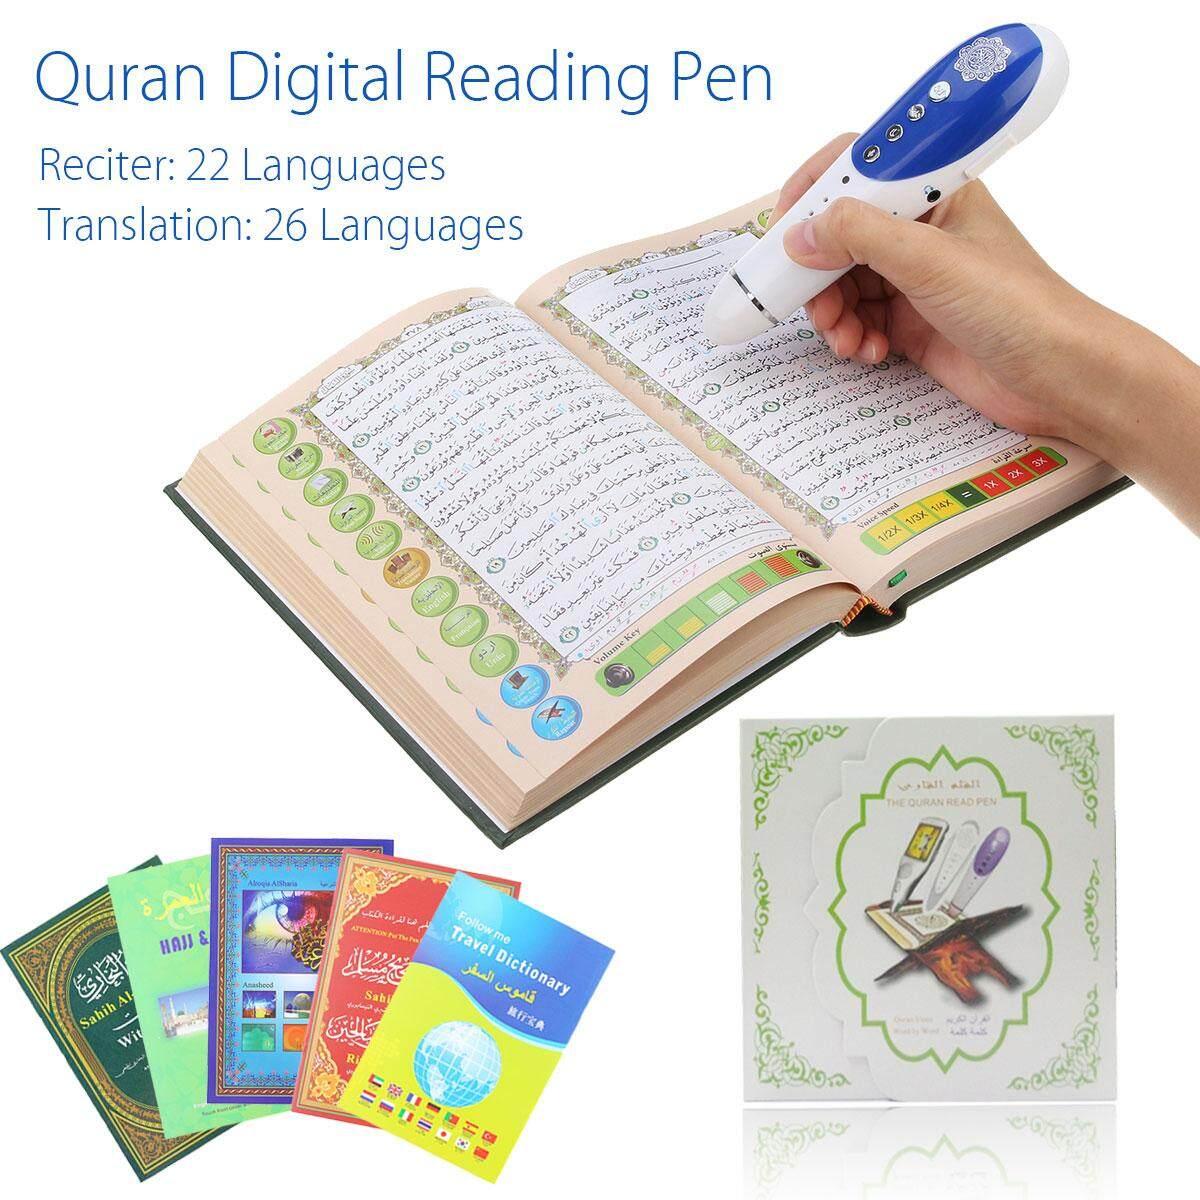 Holy Quran 8GB Pen Reader Islamic Muslim Prayer Read Digital Speaker Gift Set